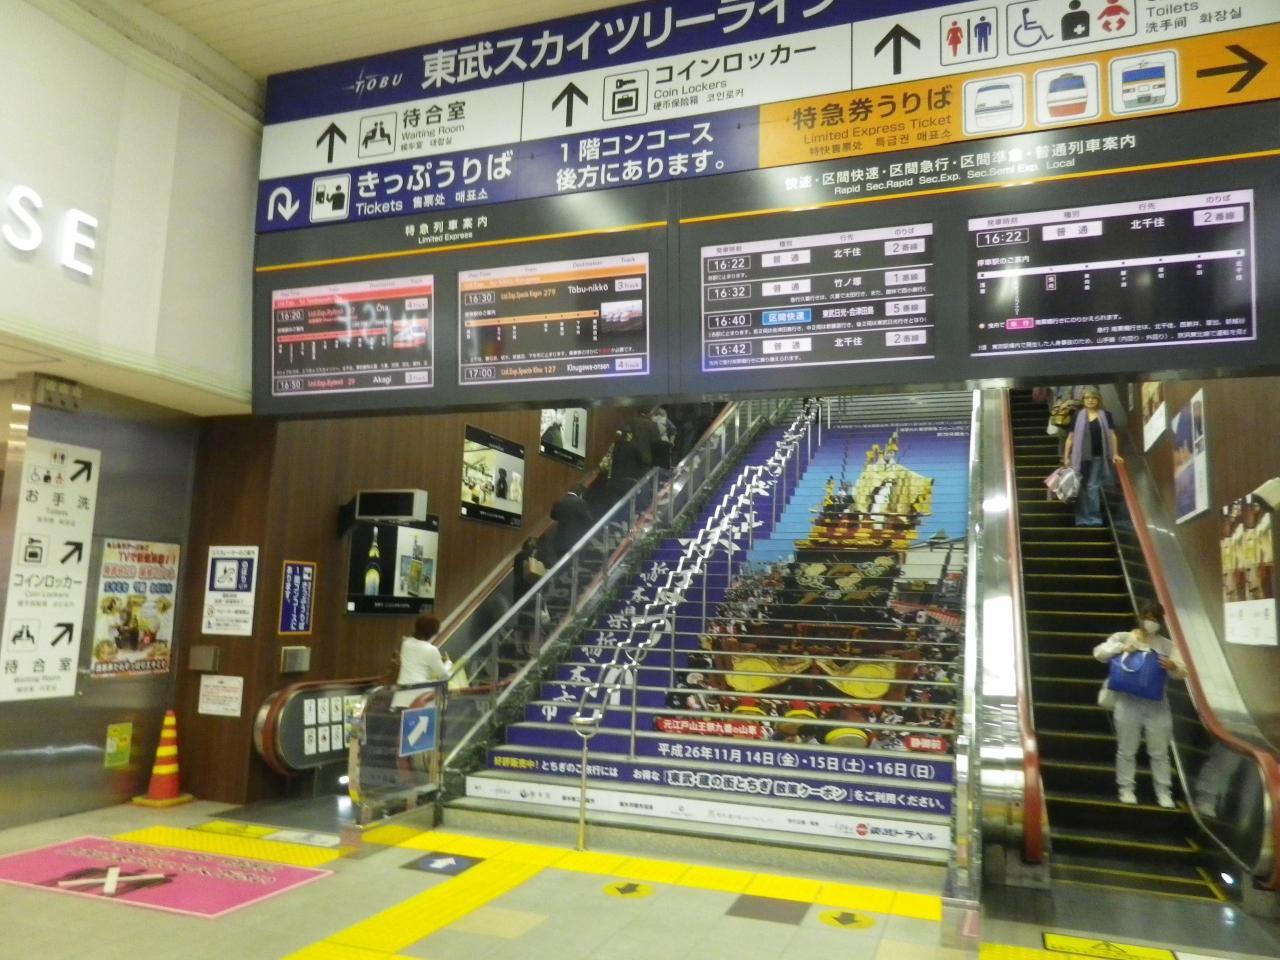 東武スカツリーライン浅草駅、1階から2階の改札口に